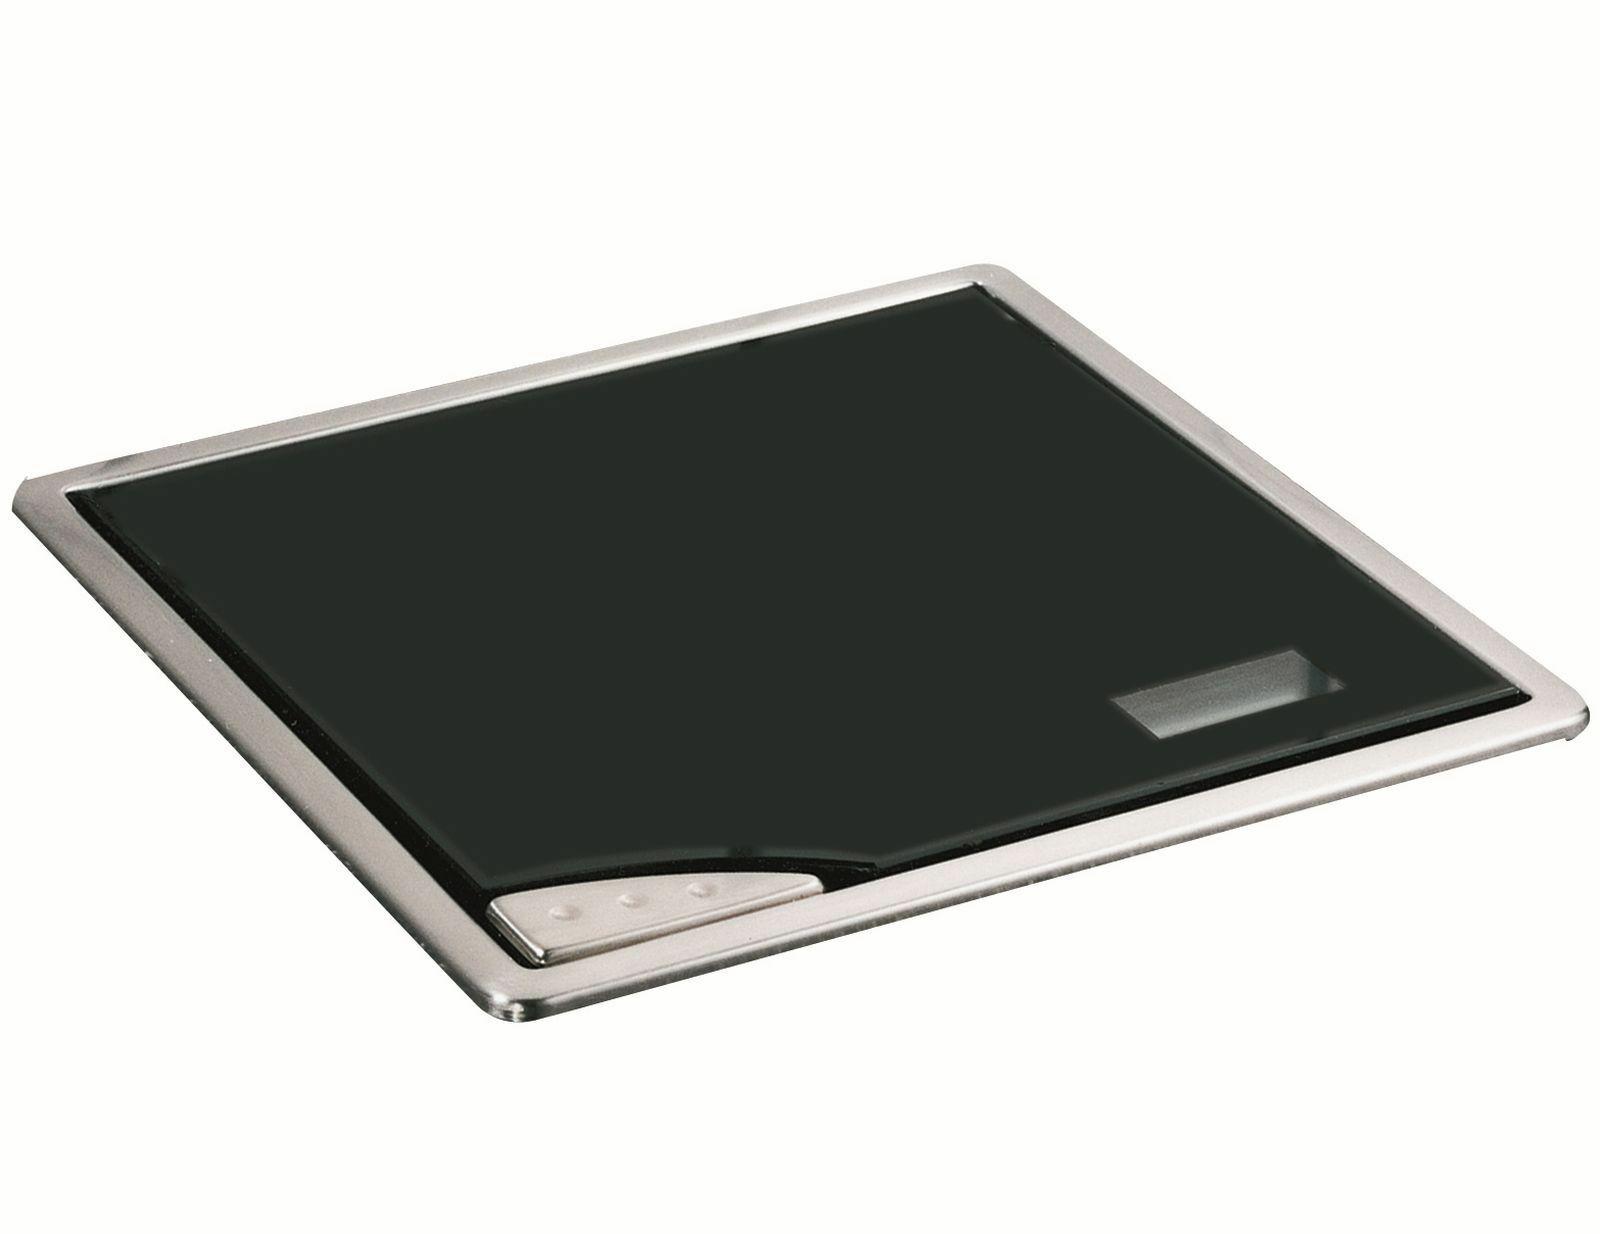 Einbau Kuchenwaage Glas Edelstahl 210 X 210 Mm Digitalanzeige Max 5